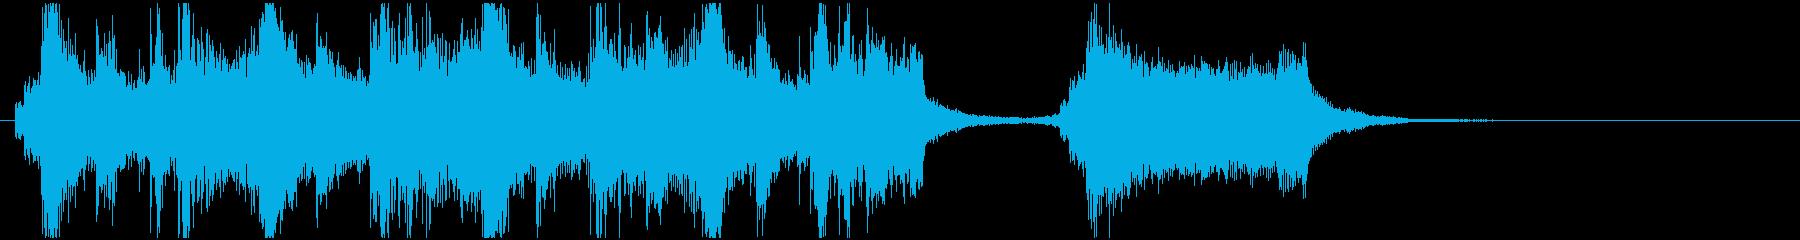 オーケストラのオープニングっぽいのんの再生済みの波形